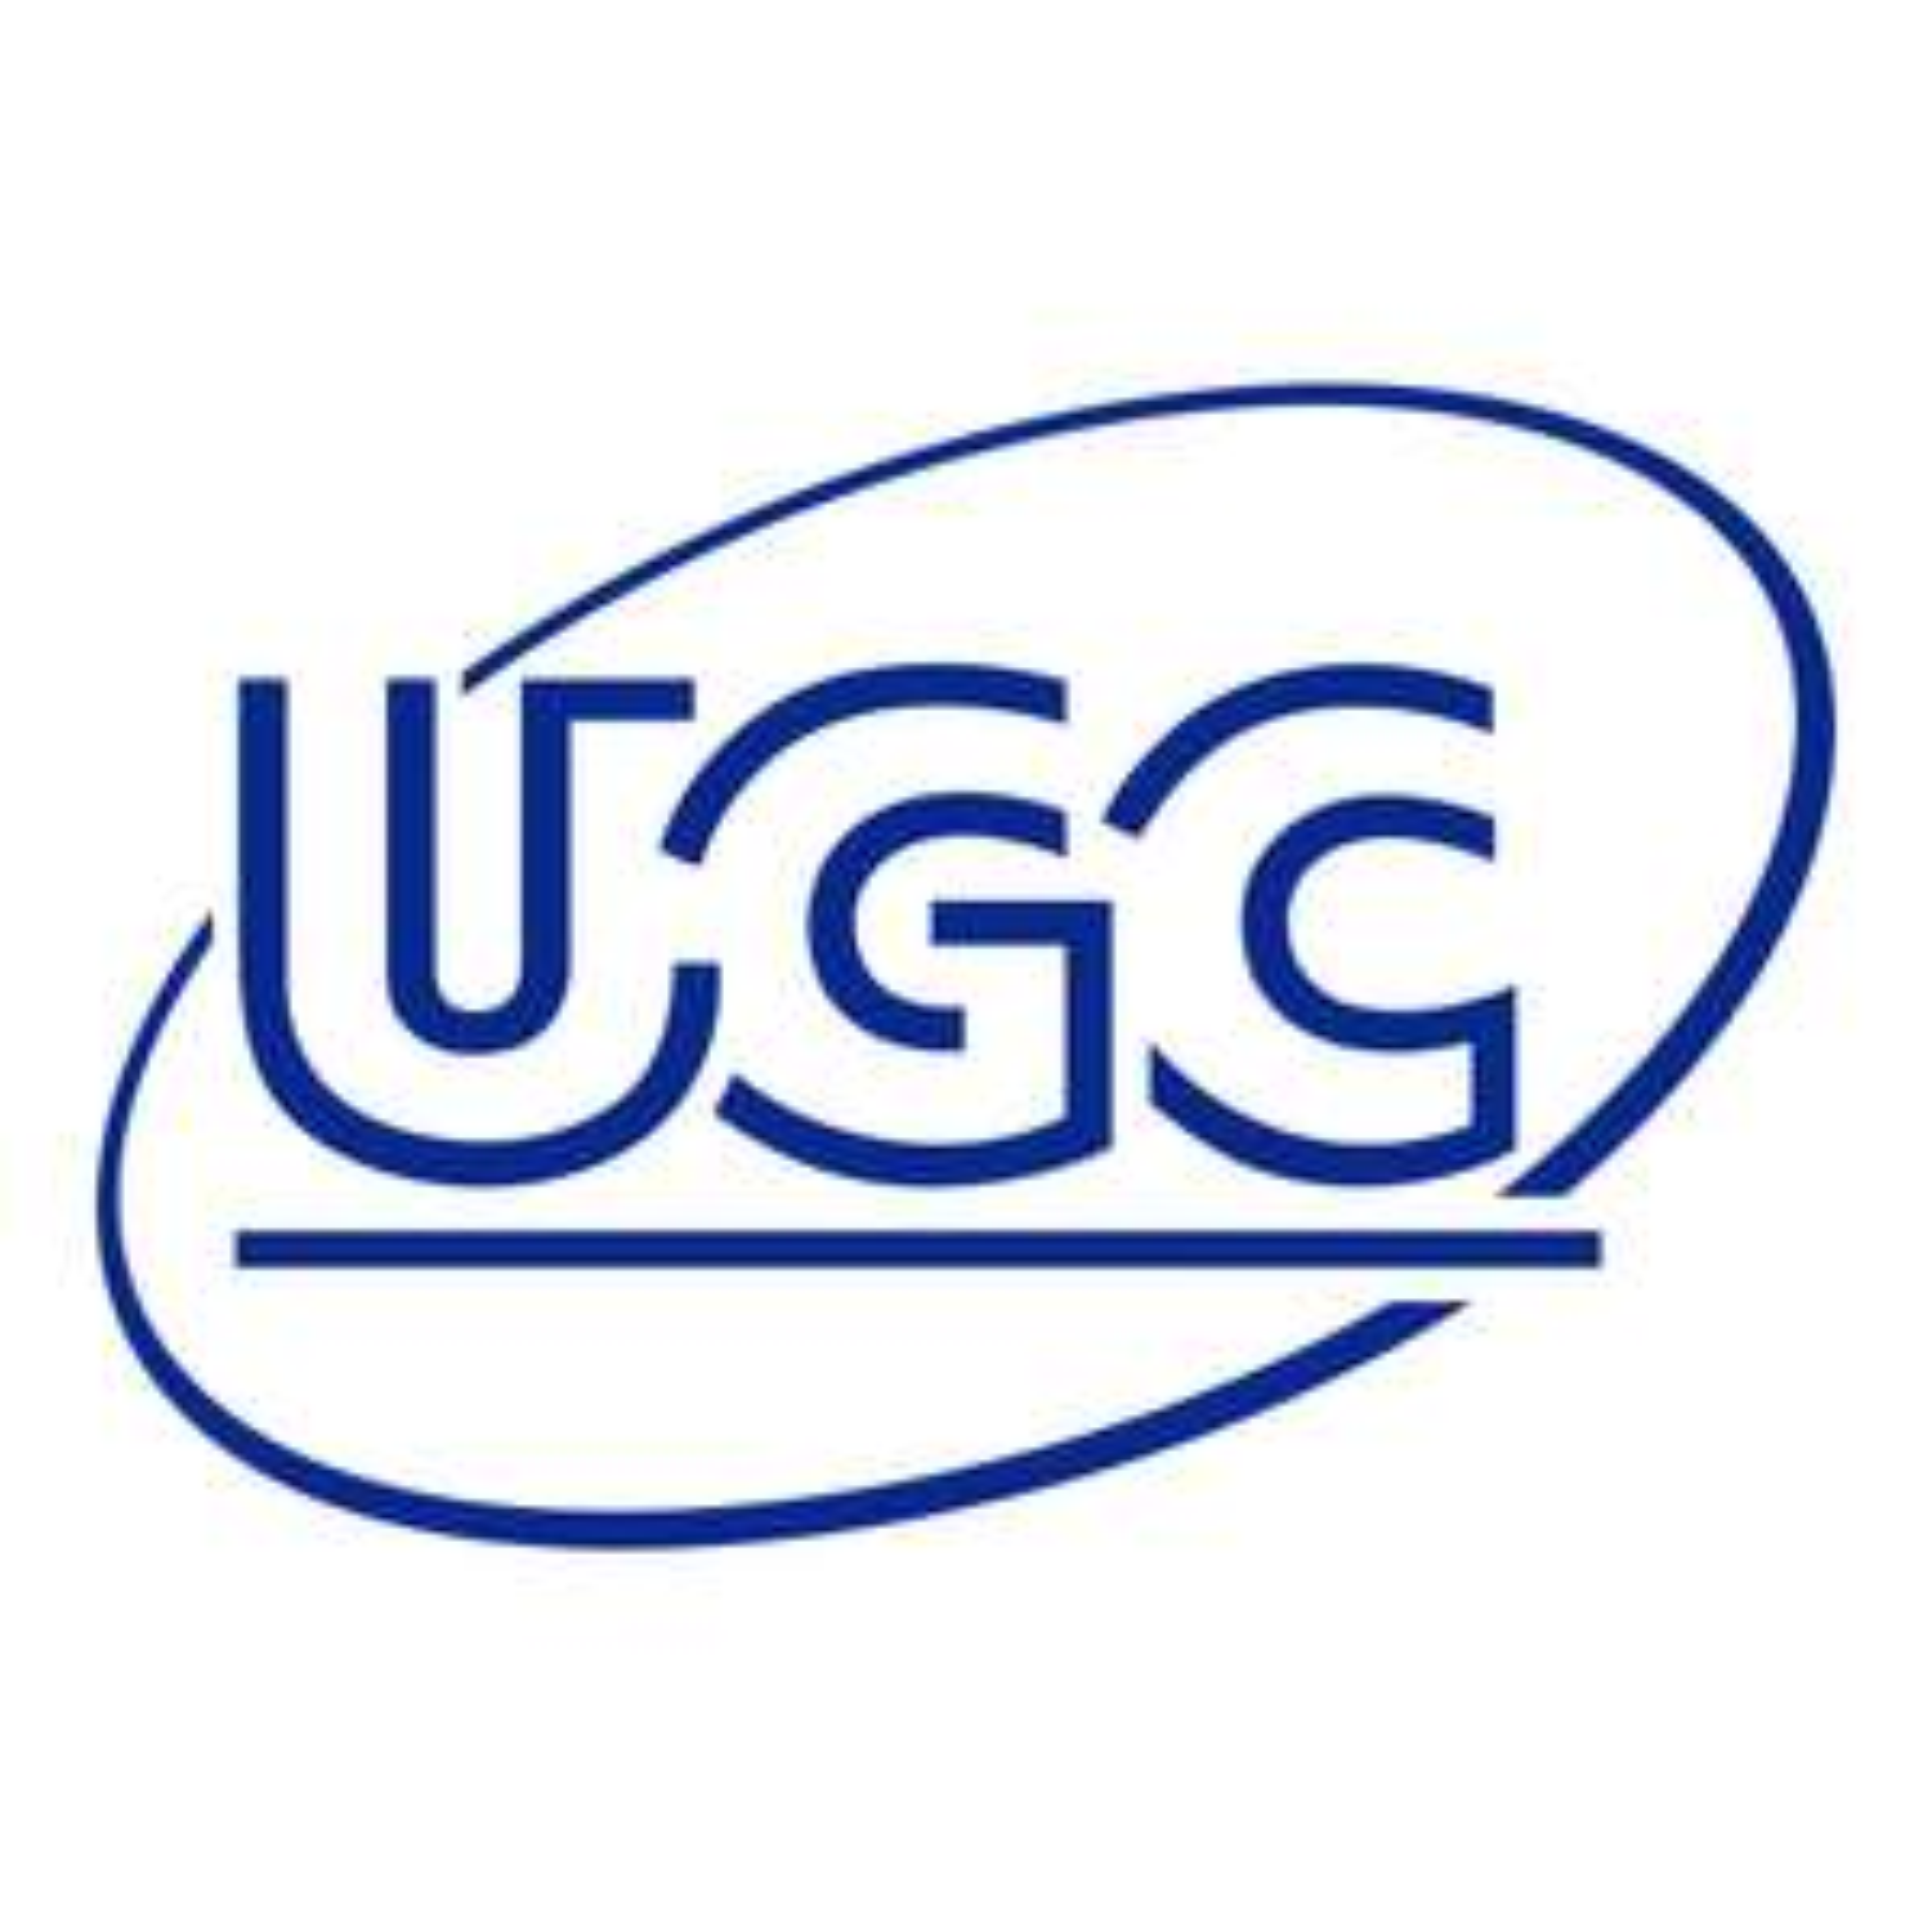 Une place de cinéma offerte pour tout achat d'une carte UGC 5 ou UGC 5 Plus